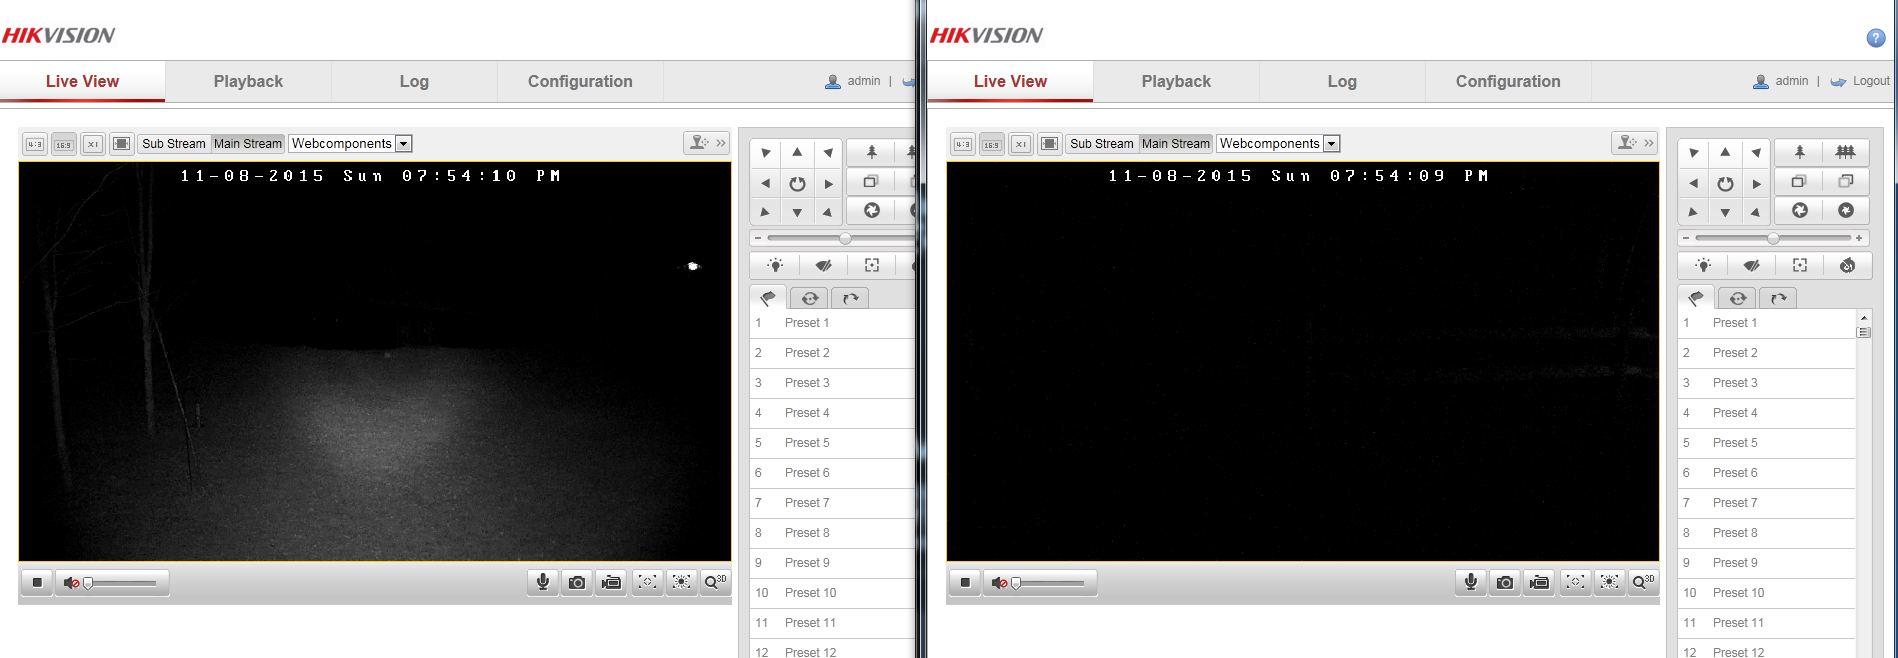 hikvision IR problem - Security Cameras - CCTVForum com